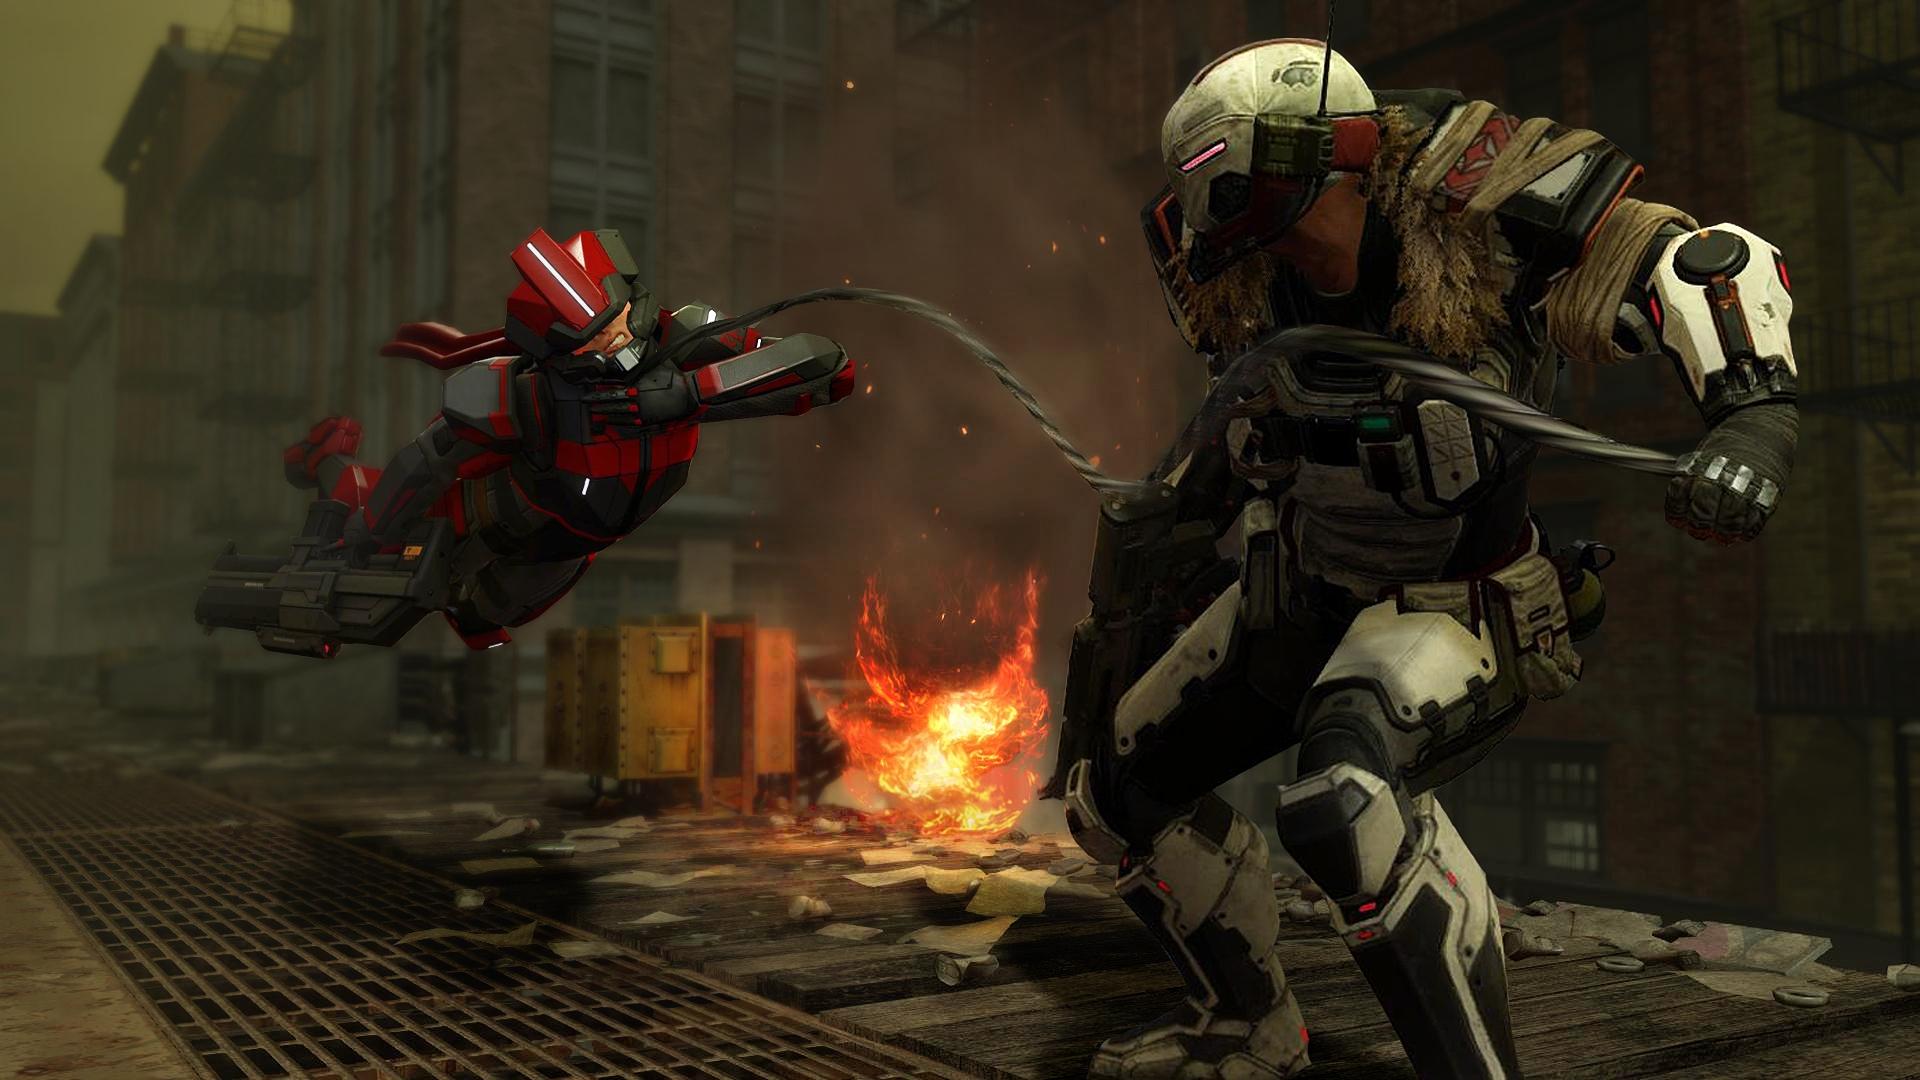 XCOM 2: War of the Chosen release day deals roundup screenshot